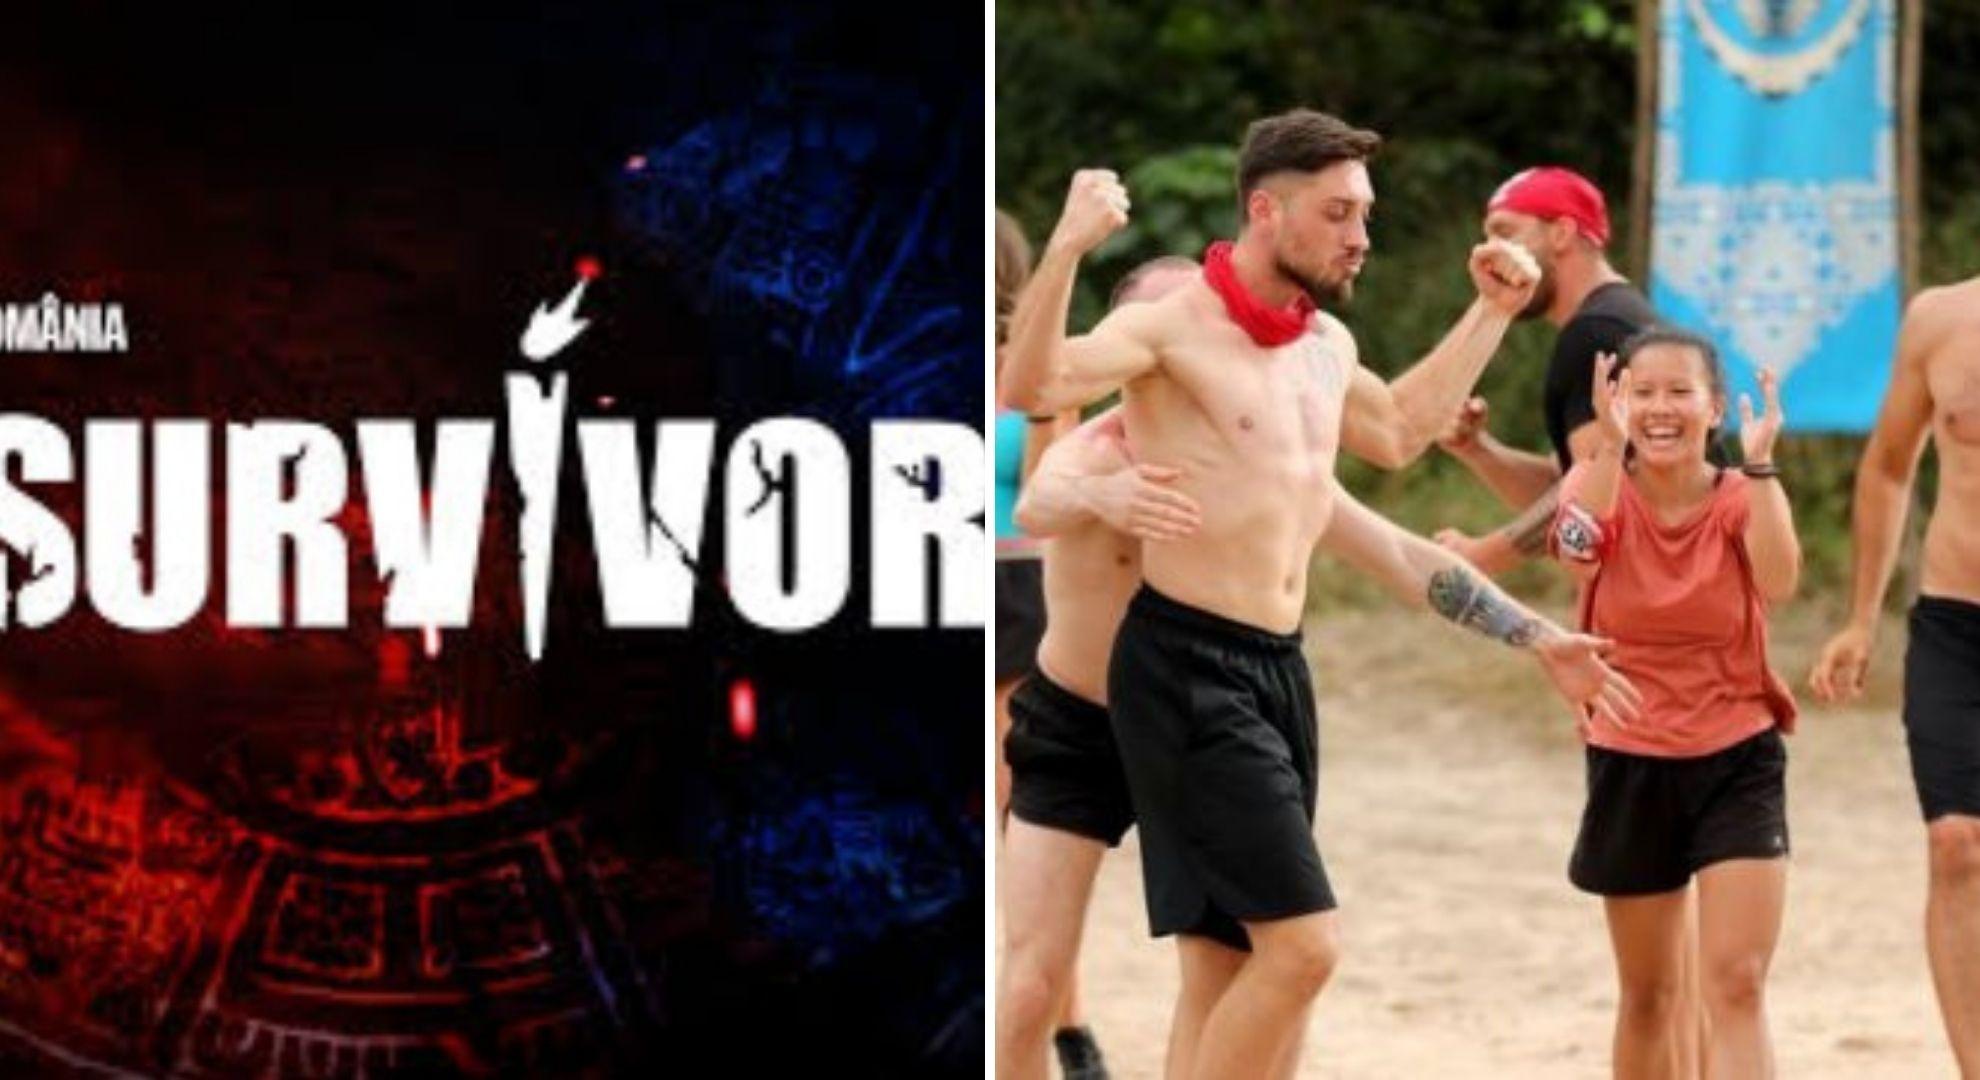 Fostă gimnastă și concurentă Survivor România, imagini provocatoare pe Instagram. Cum s-a pozat sportiva